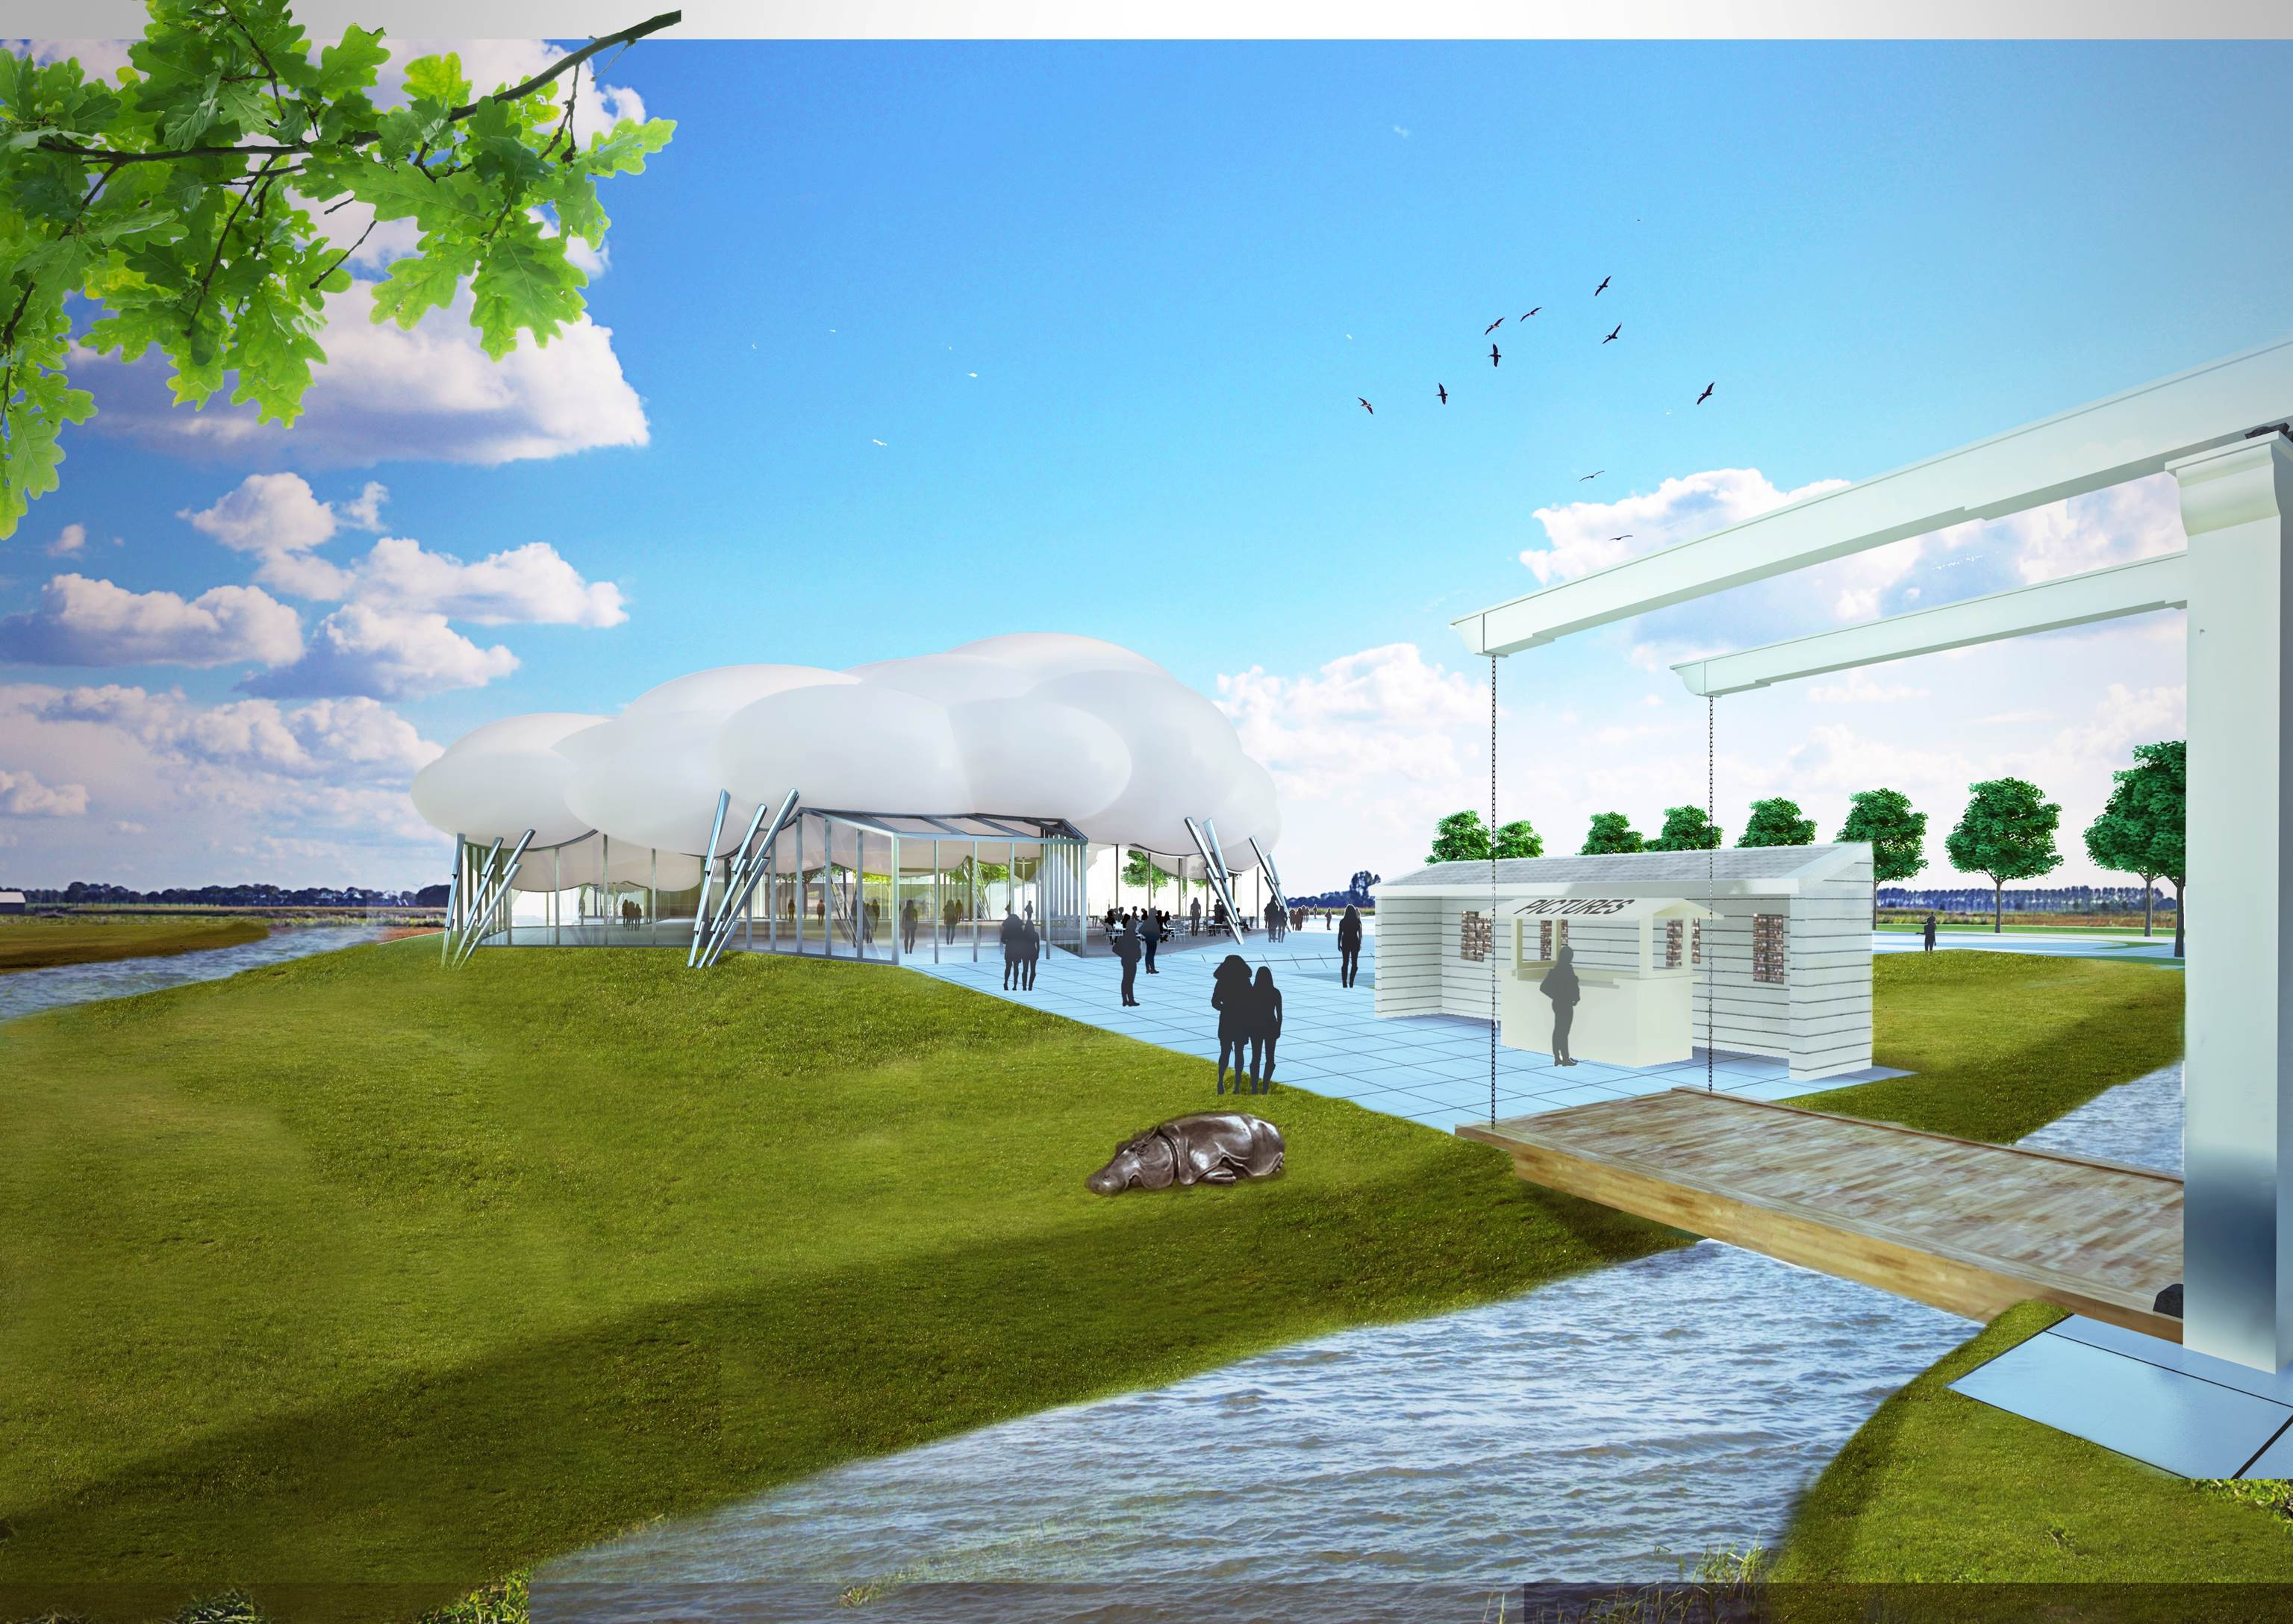 centraal-entreegebouw-voor-zaanse-schans-gezien-vanaf-de-schans-architect-wilfried-van-winden-wam-wow-design-group